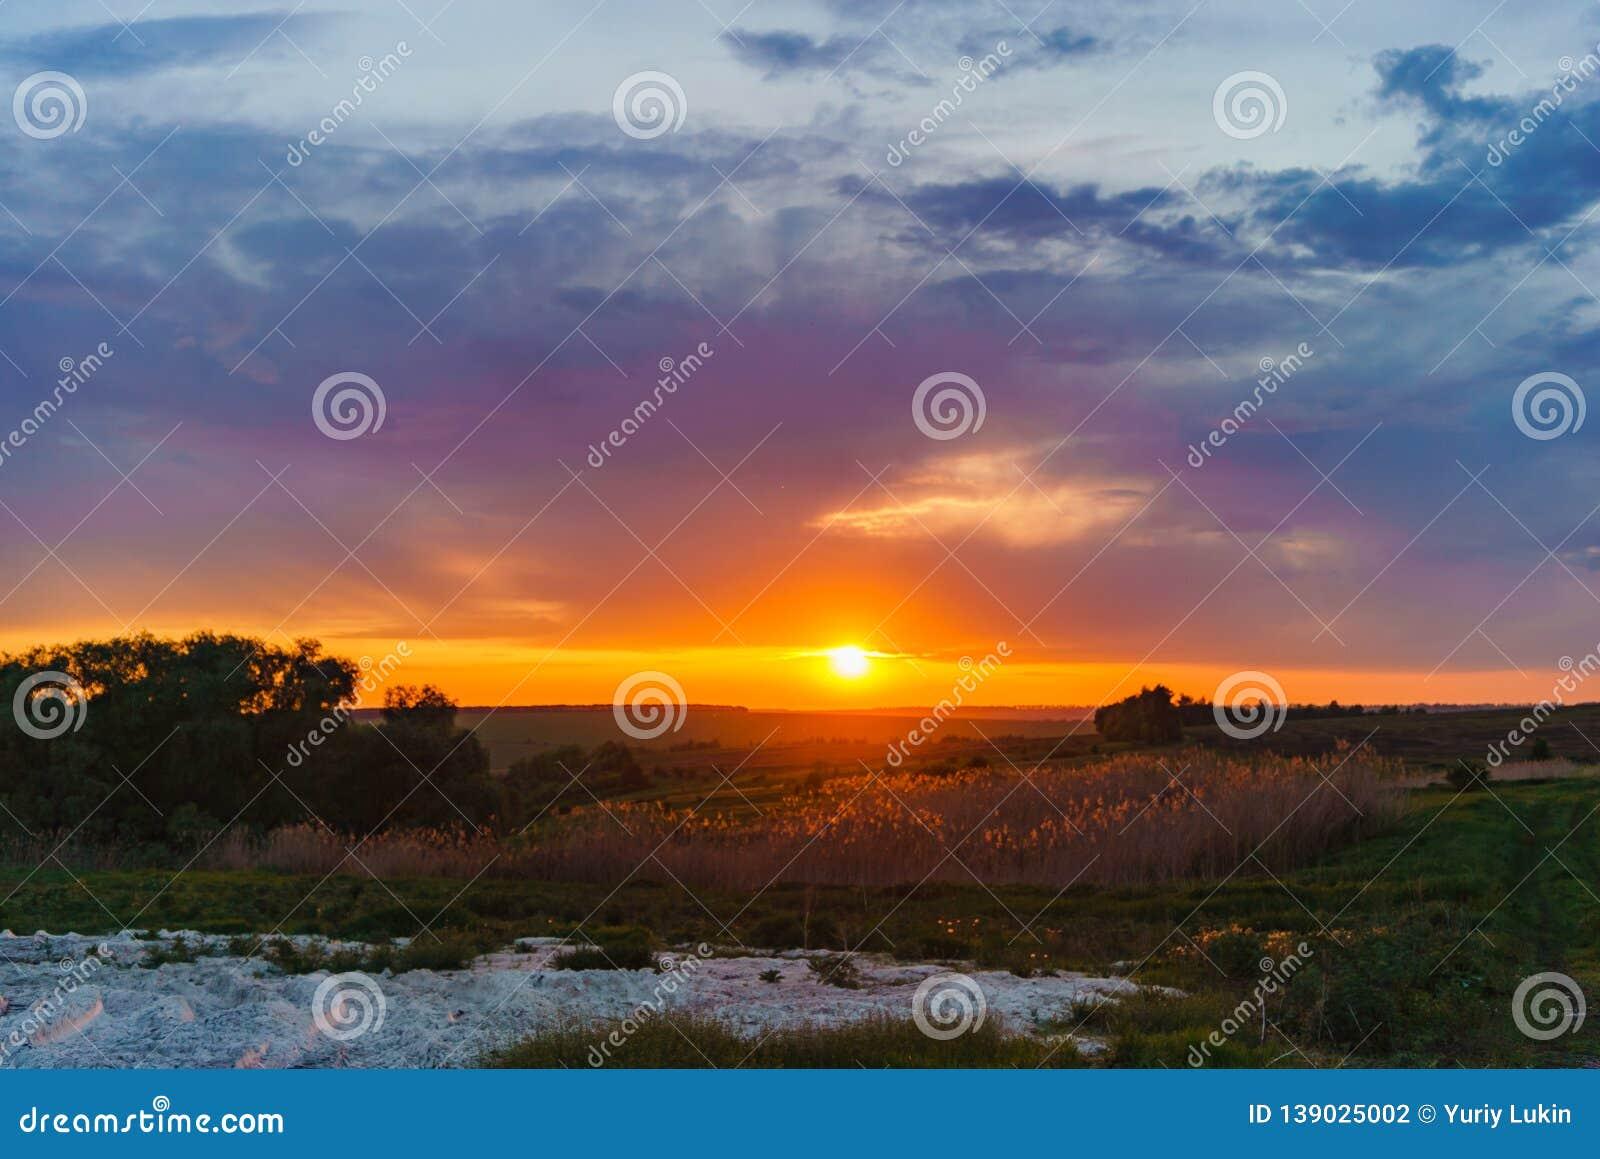 Выравнивать оранжевый заход солнца над озером Valday, фотография ландшафта природы России Заход солнца осени, на открытом воздухе